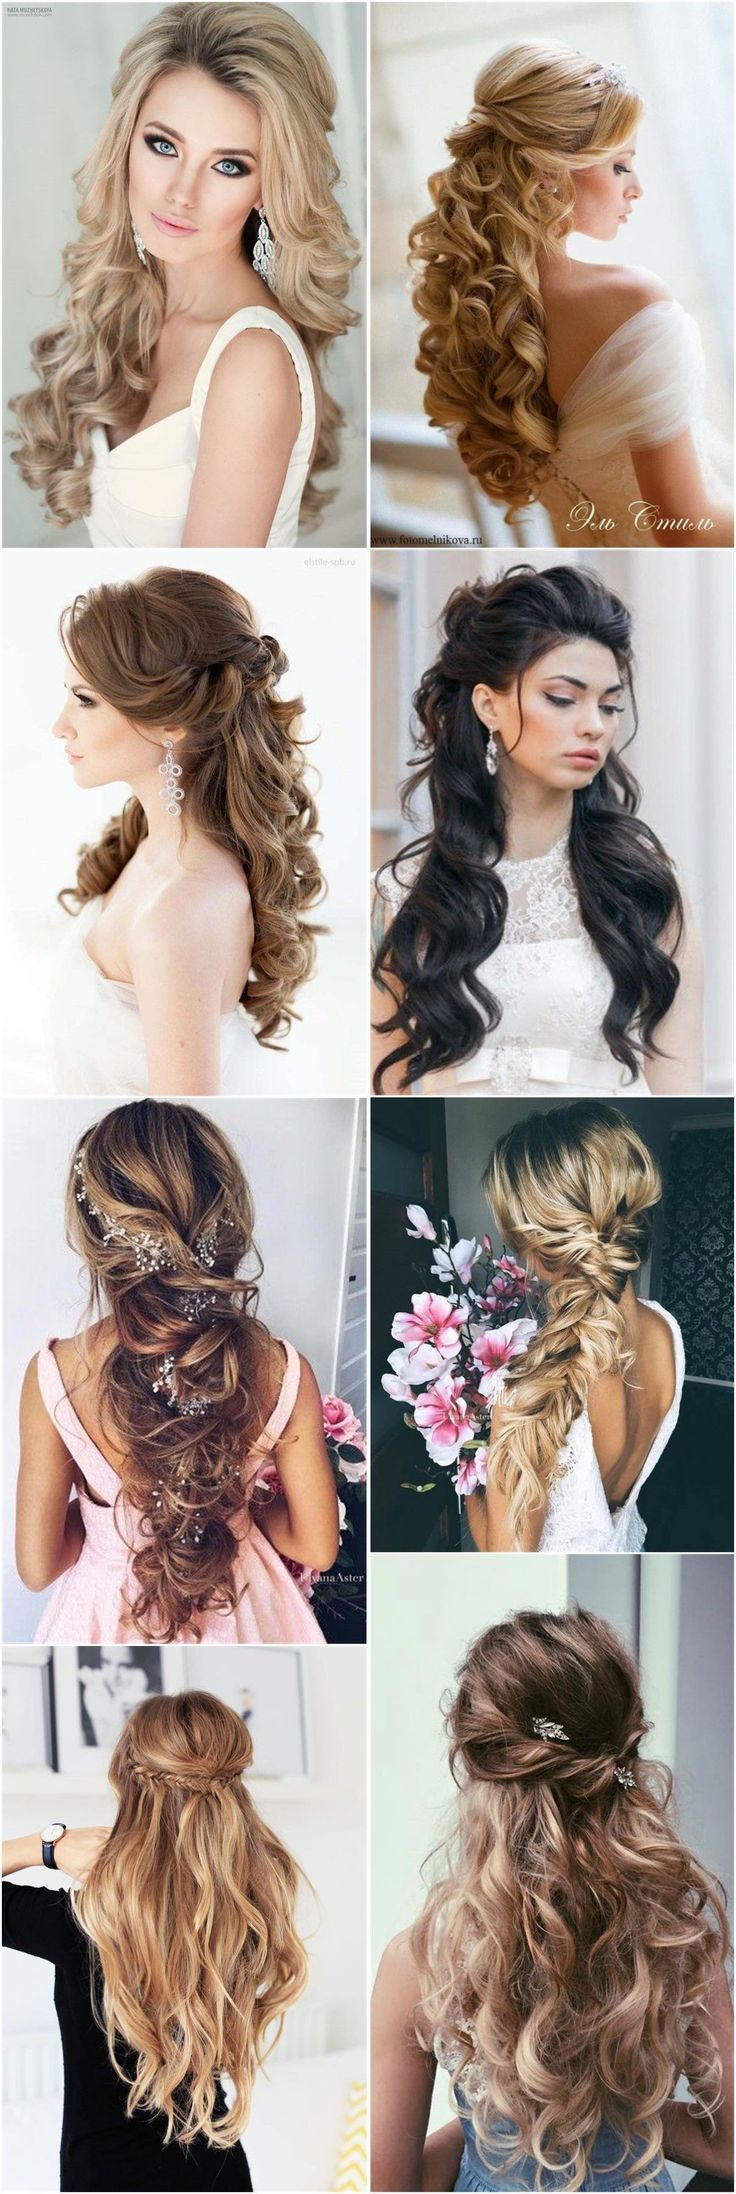 18 kreative und einzigartige Hochzeitsfrisuren für langes Haar #unique # … – Hochzeitsfrisuren